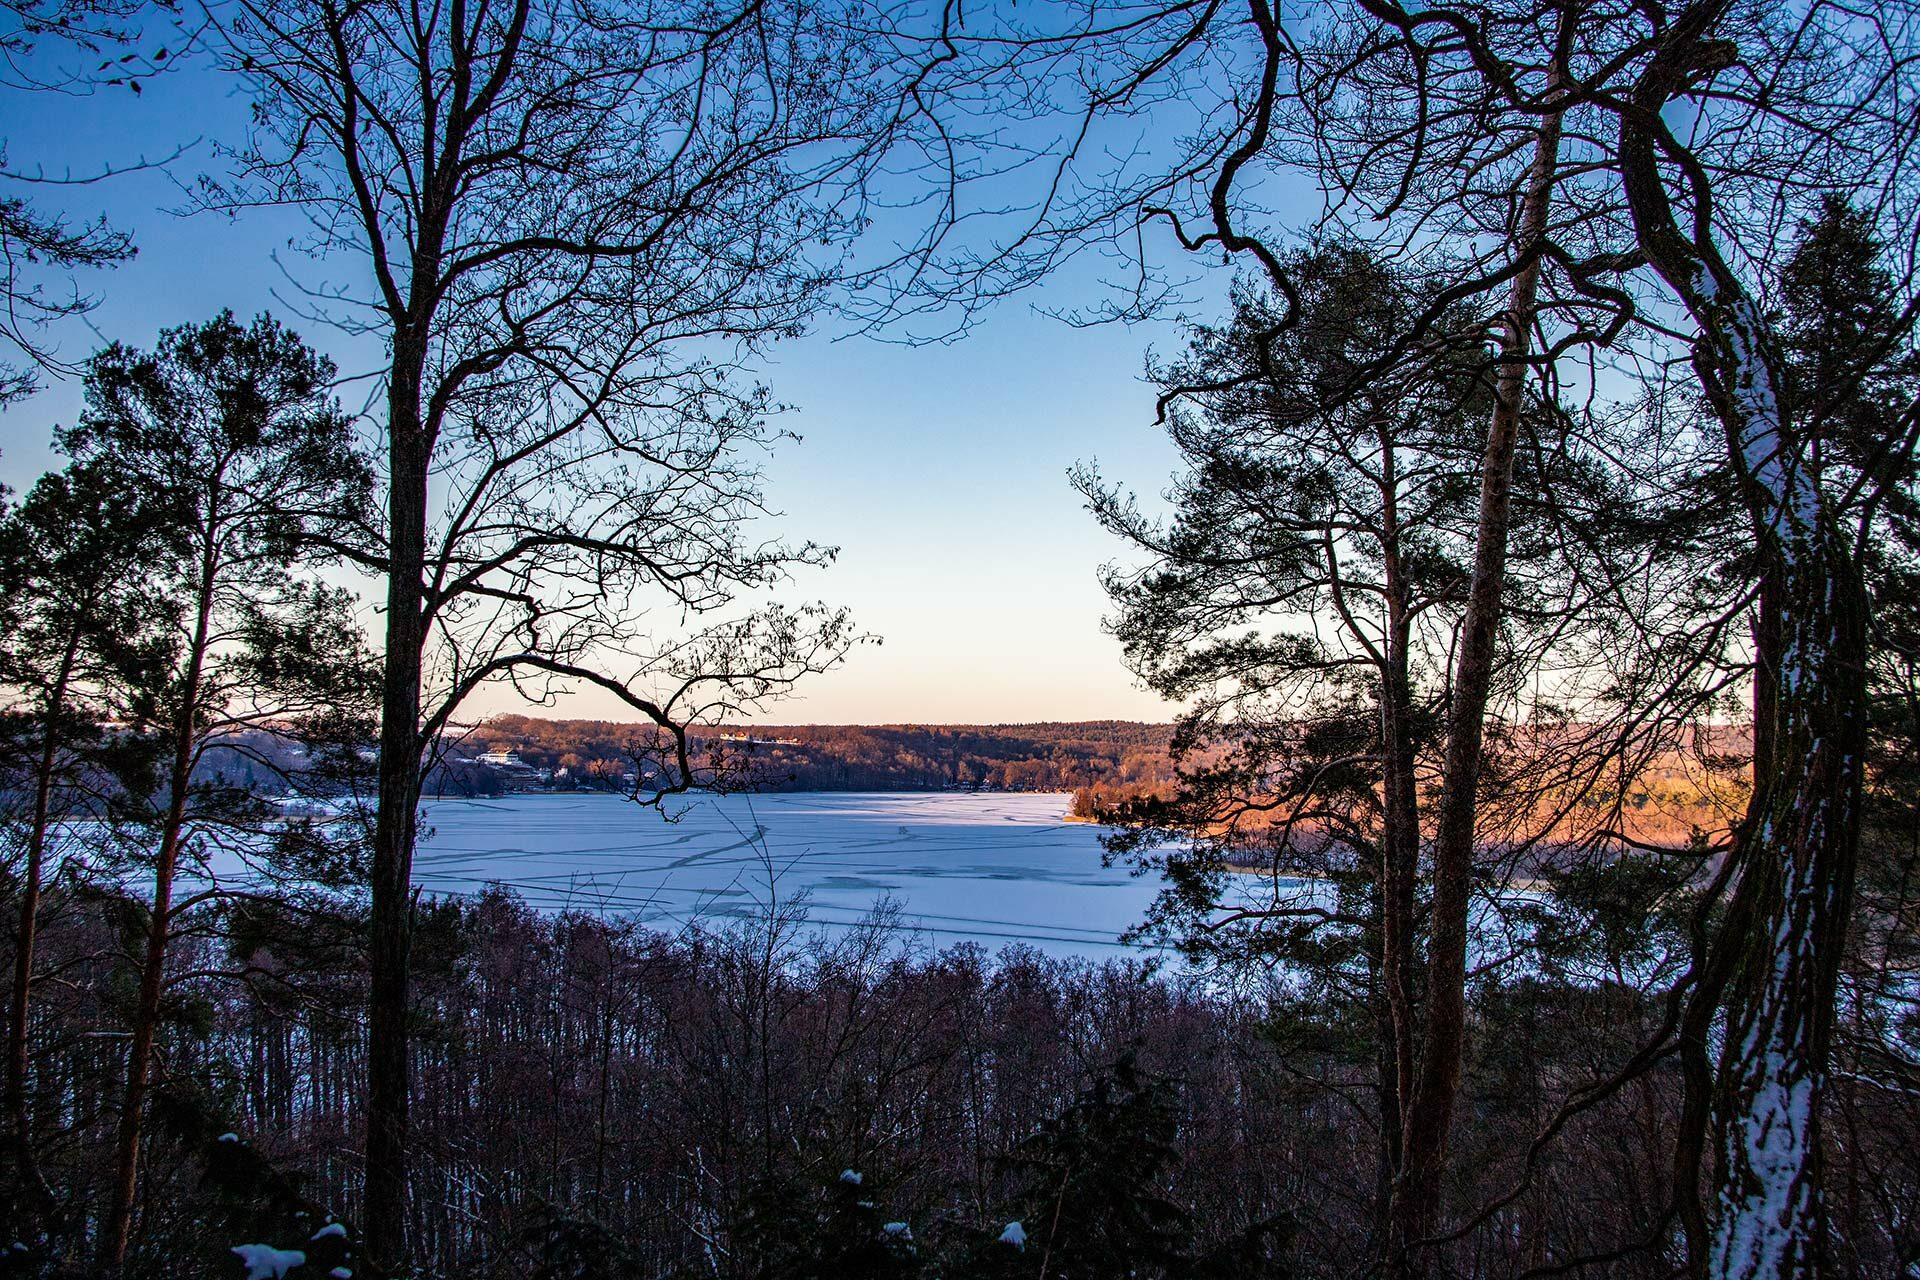 Der Schermützelsee in winterlichen Farben einer tief stehenden Sonne